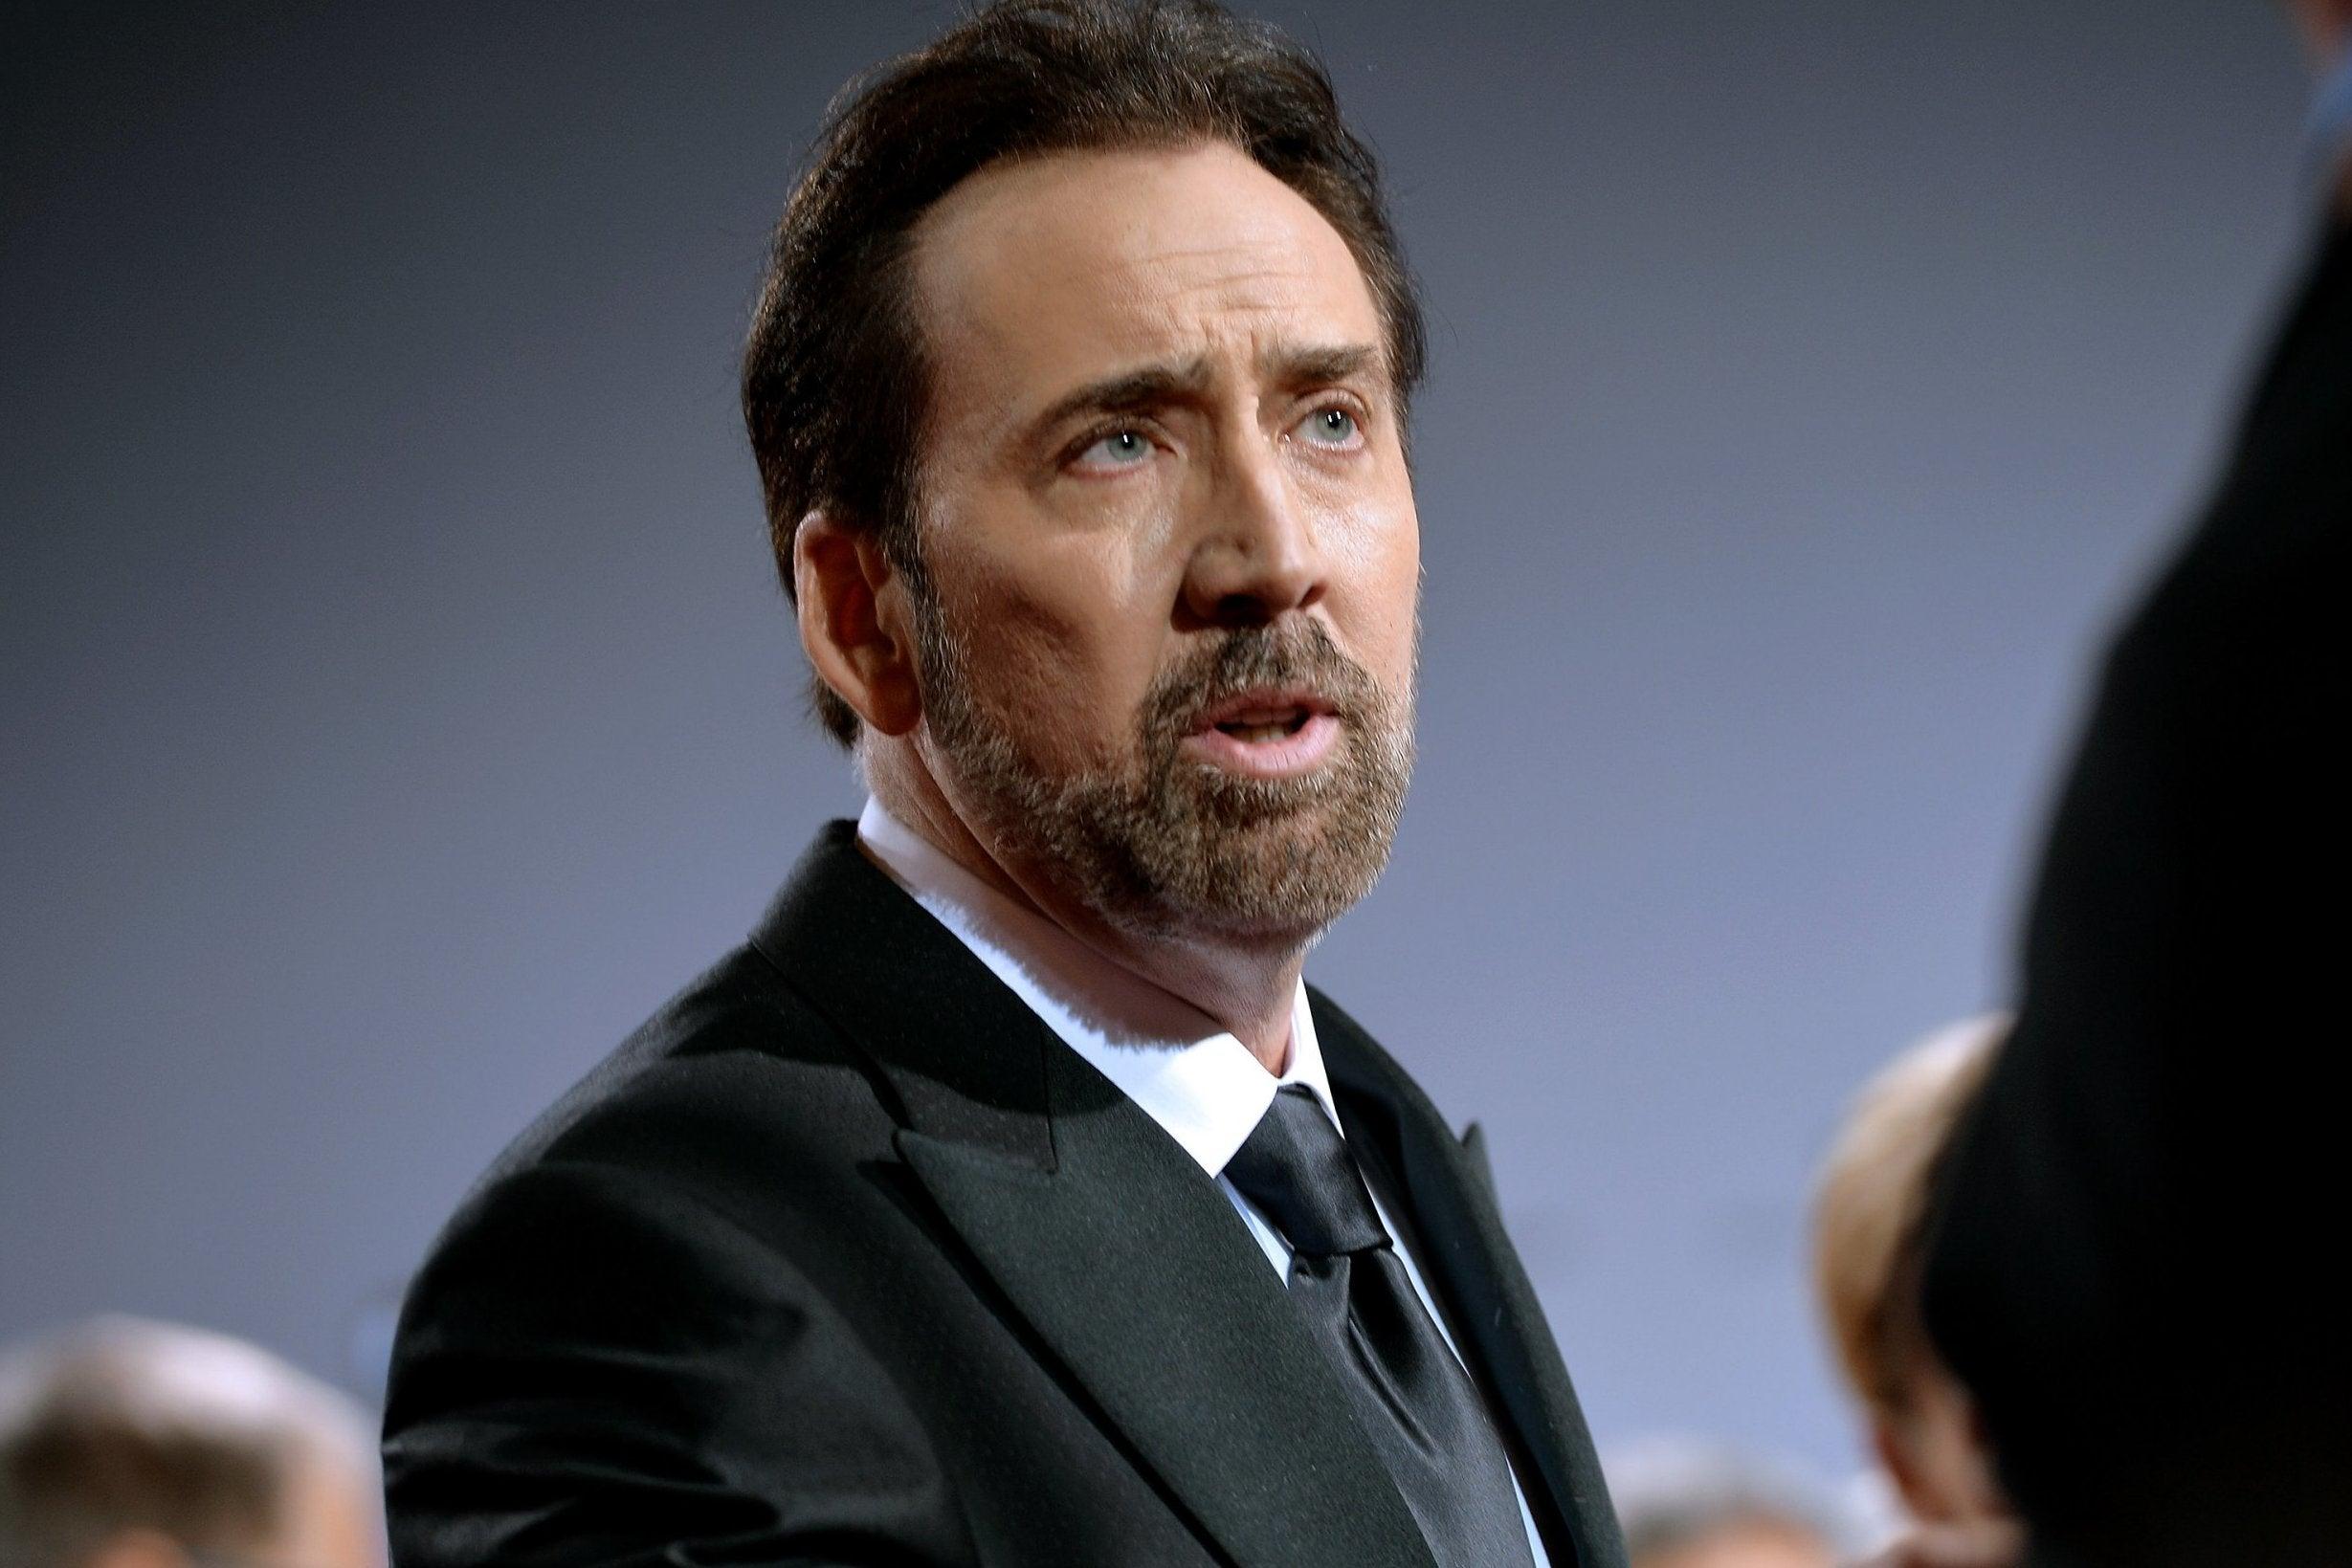 Nicolas Cage to star as Nicolas Cage in film about Nicolas Cage